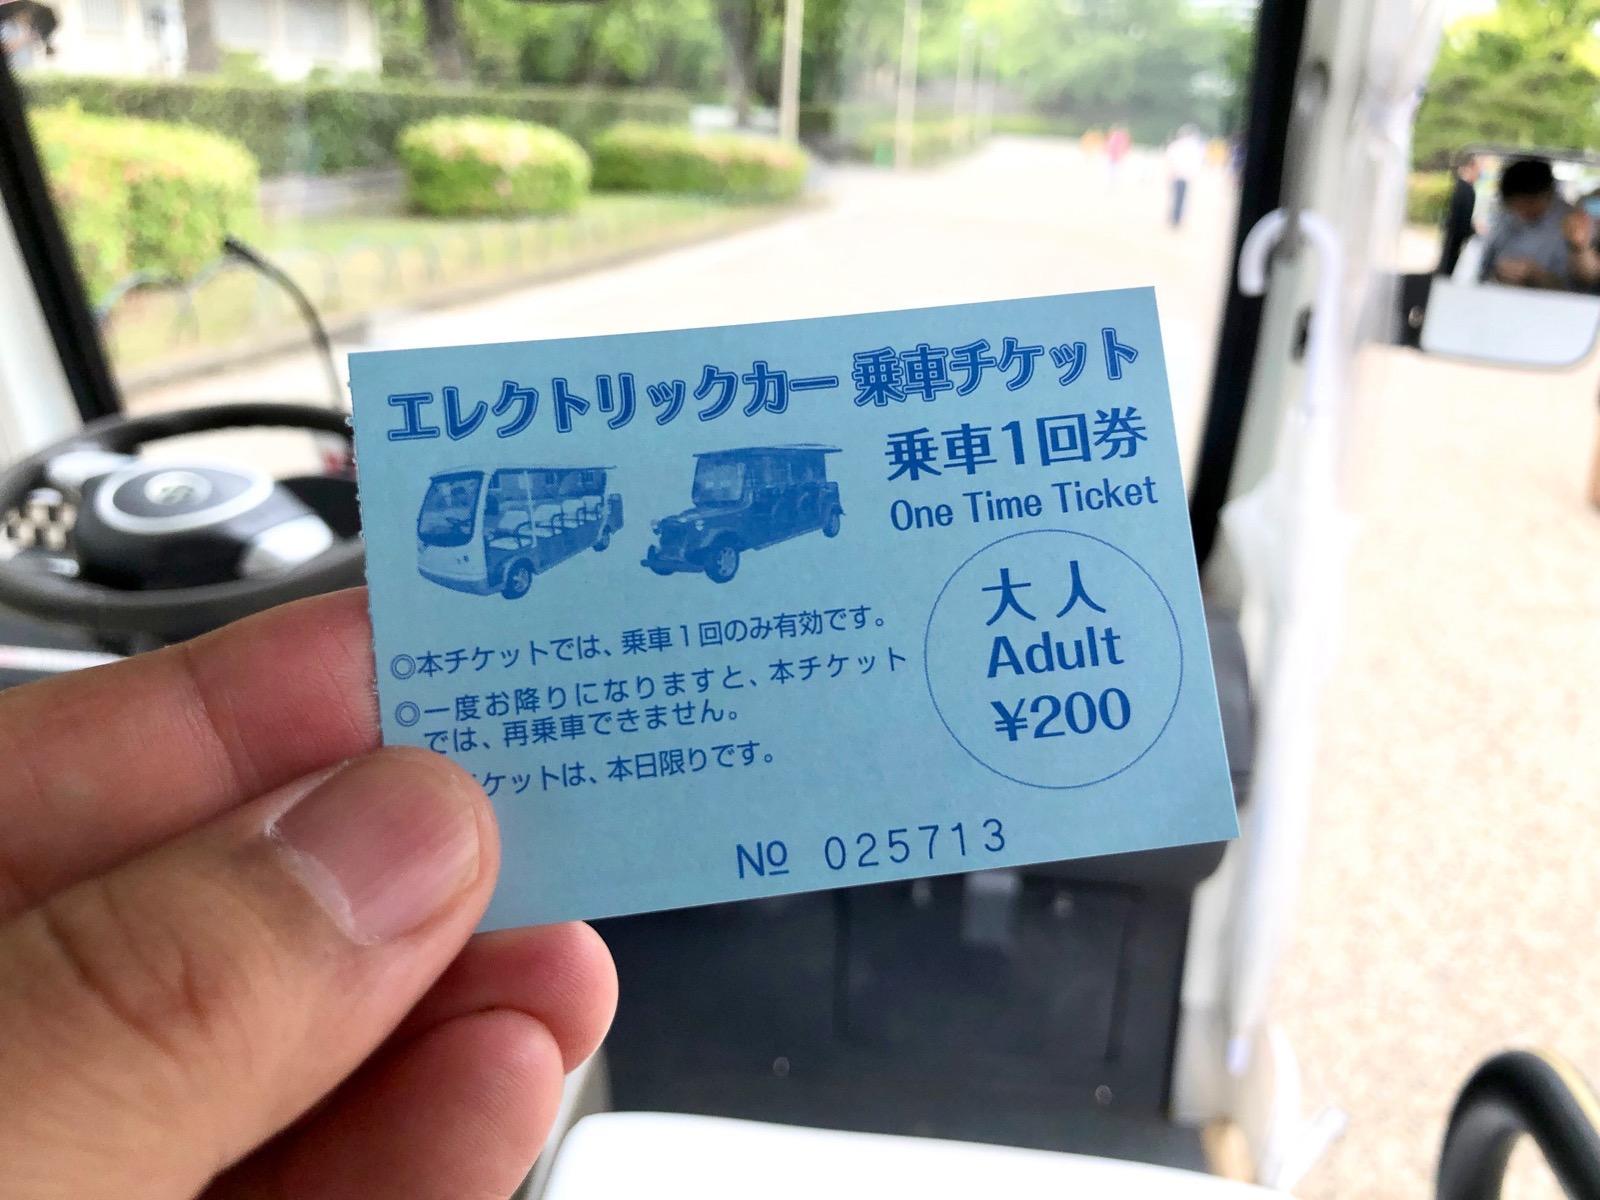 エレクトリックカーのチケット